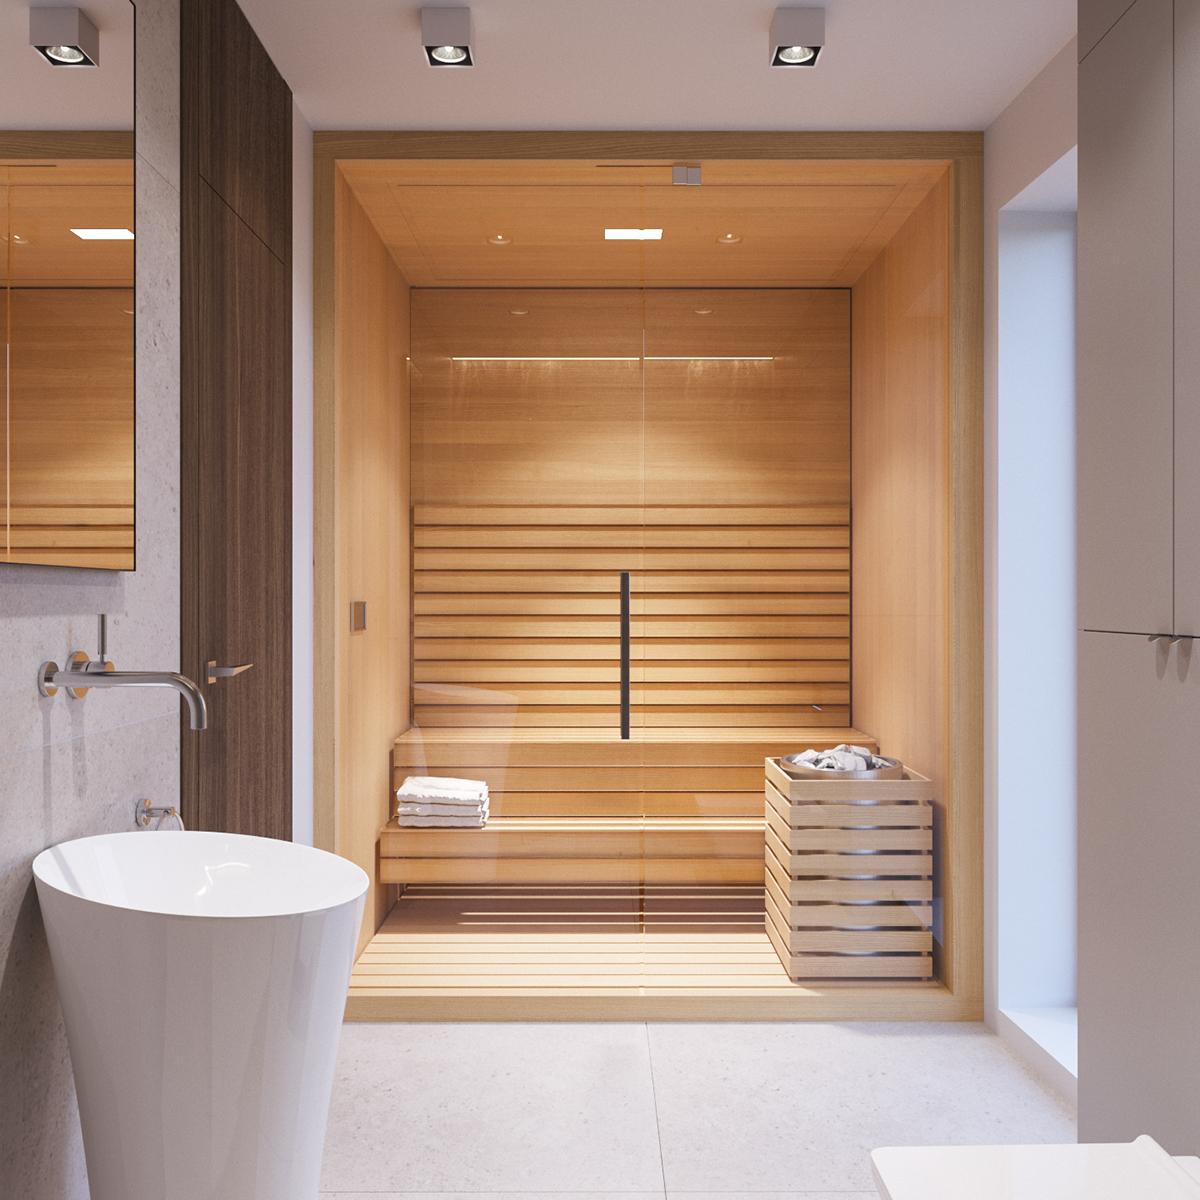 modern villa interior on behance. Black Bedroom Furniture Sets. Home Design Ideas